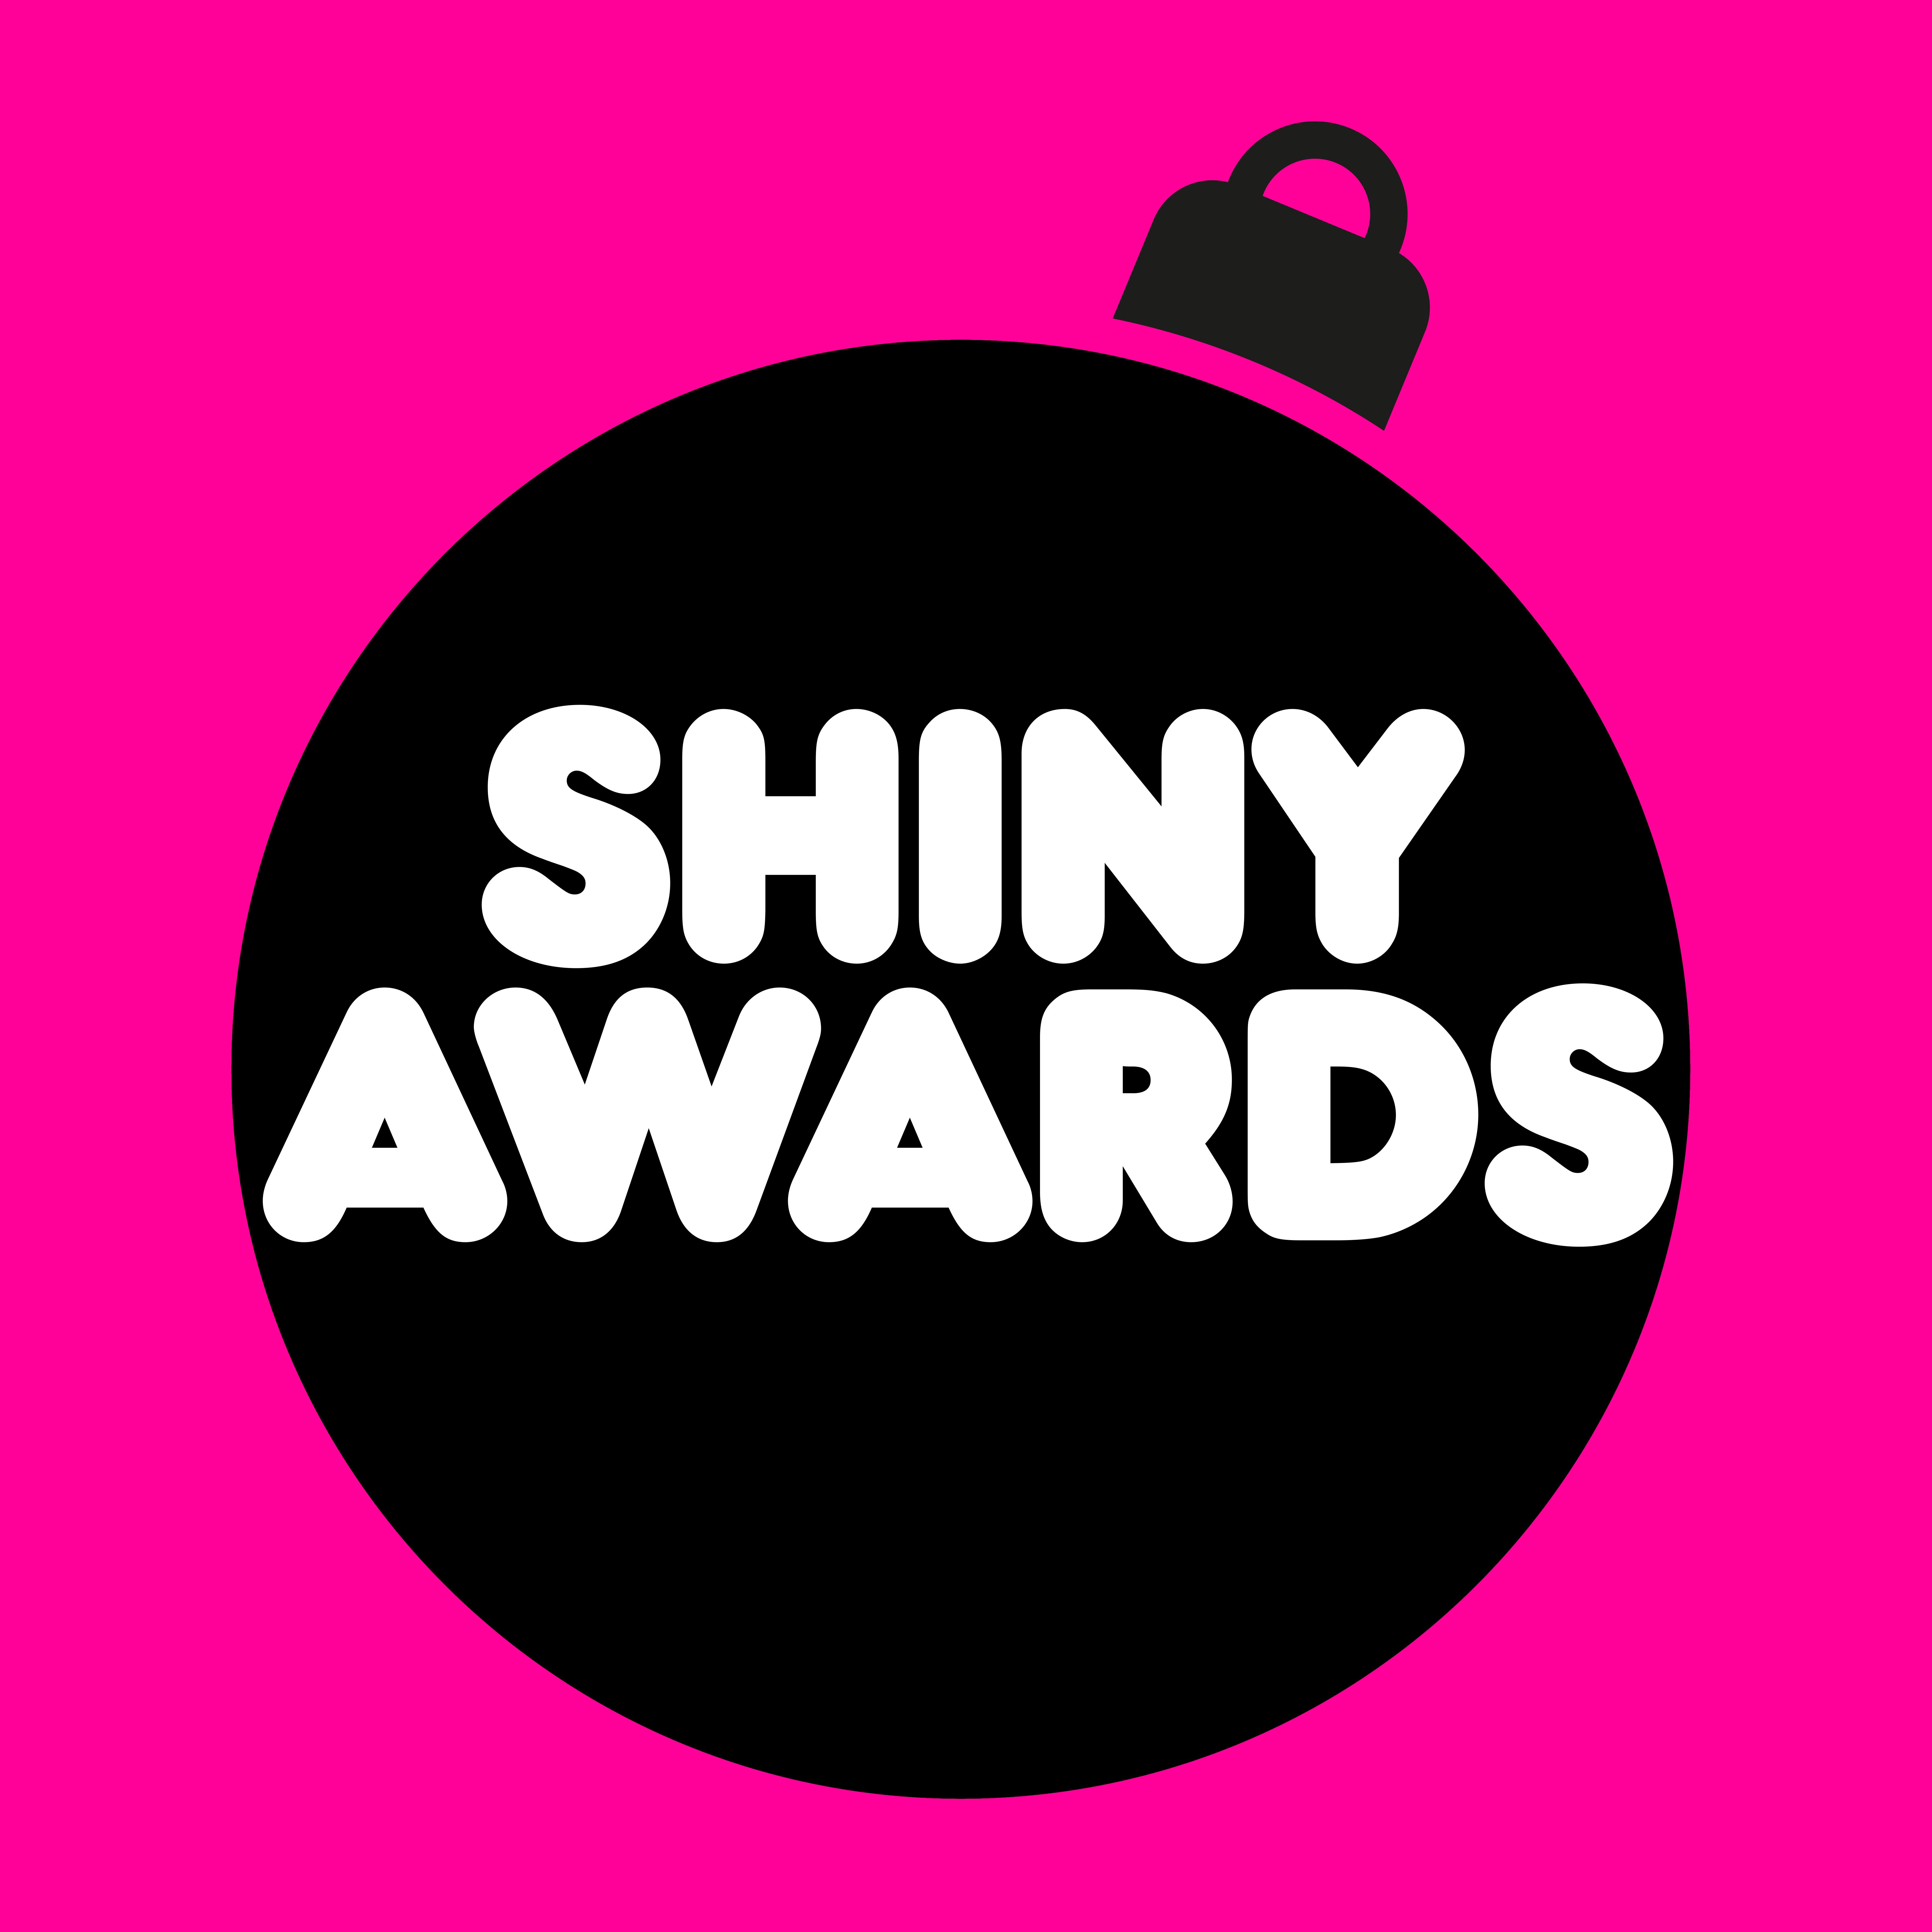 Shiny Awards